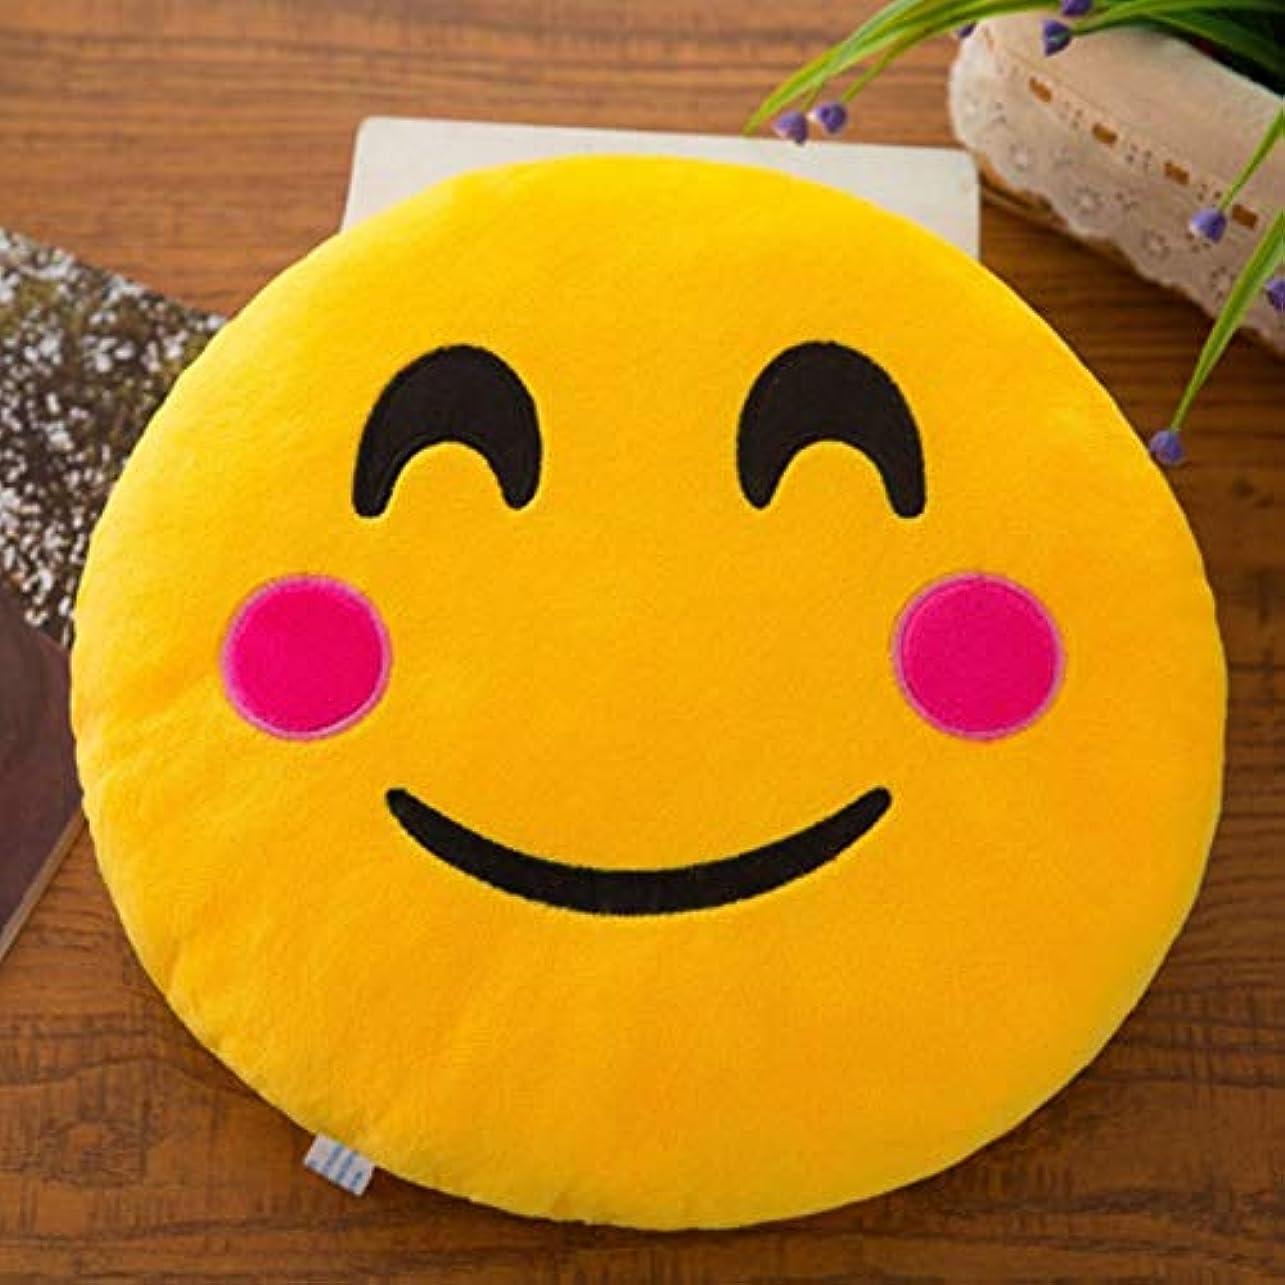 ではごきげんようビジョンリフトLIFE 40 センチメートルスマイル絵文字枕ソフトぬいぐるみ絵文字ラウンドクッション家の装飾かわいい漫画のおもちゃの人形装飾枕ドロップ船 クッション 椅子